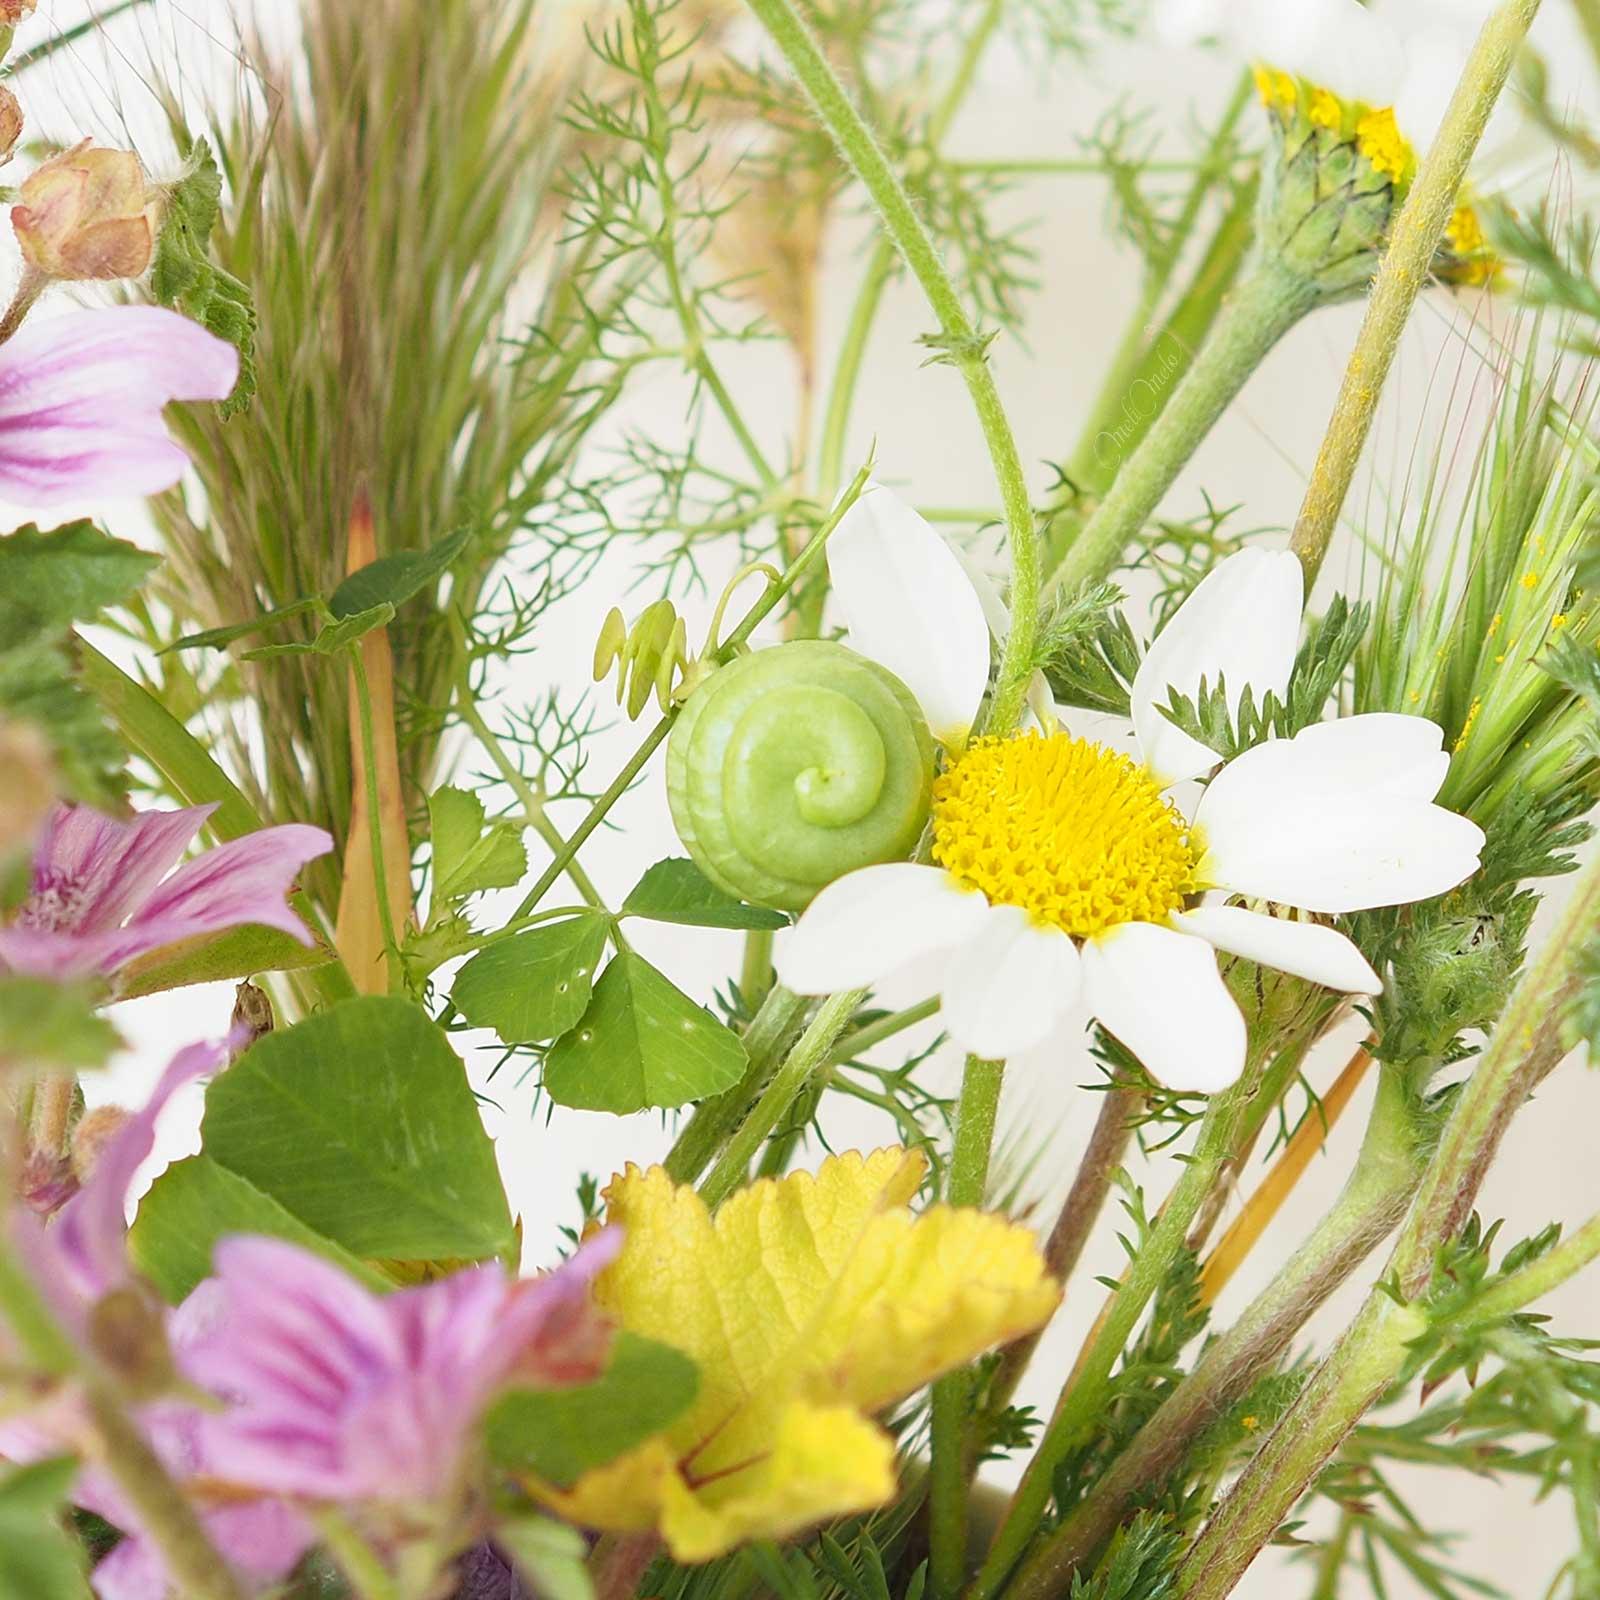 fleur-graine-printemps-inspiration-broderie-laboutiquedemelimelo